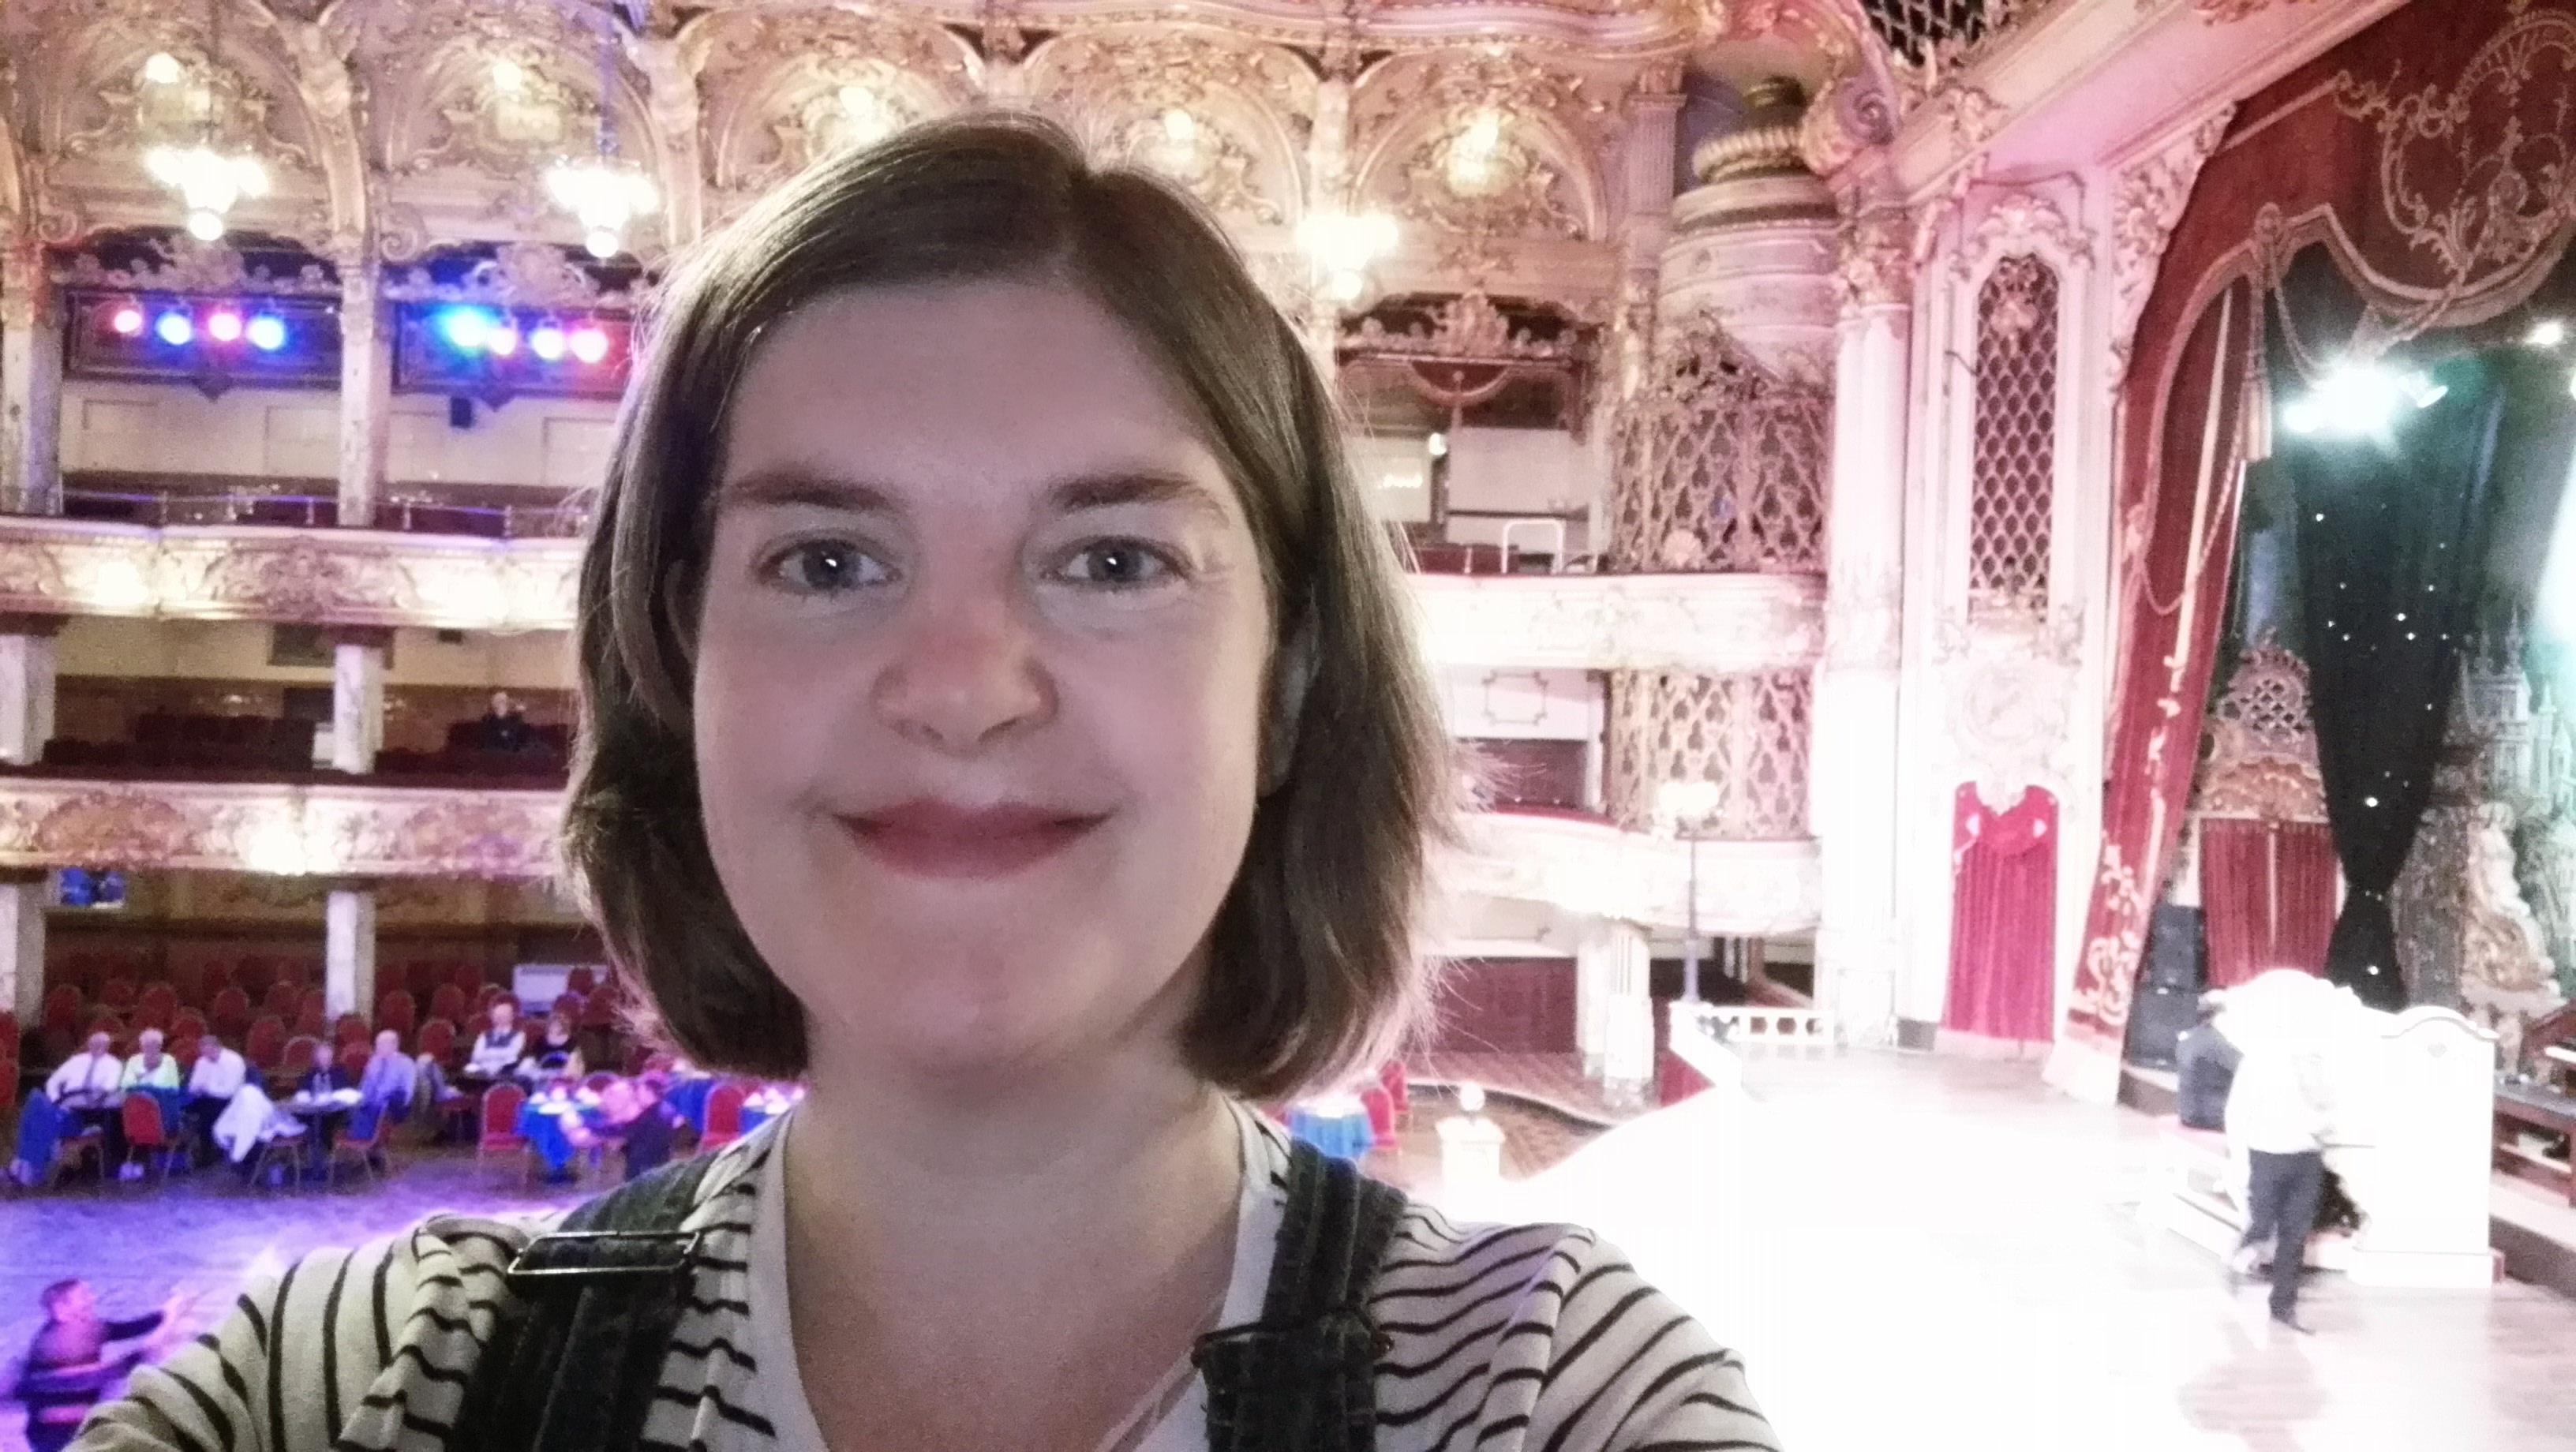 Susan Brownrigg at the Blackpool Tower Ballroom